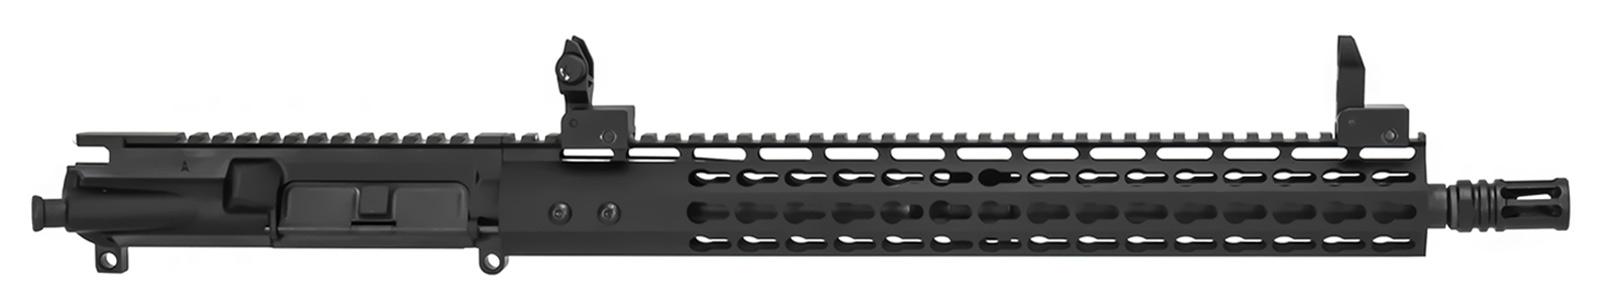 ar-15-upper-assembly-16-5-56-x-45-sight-150-550-15-cbc-keymod-ii-ar-15-handguard-rail